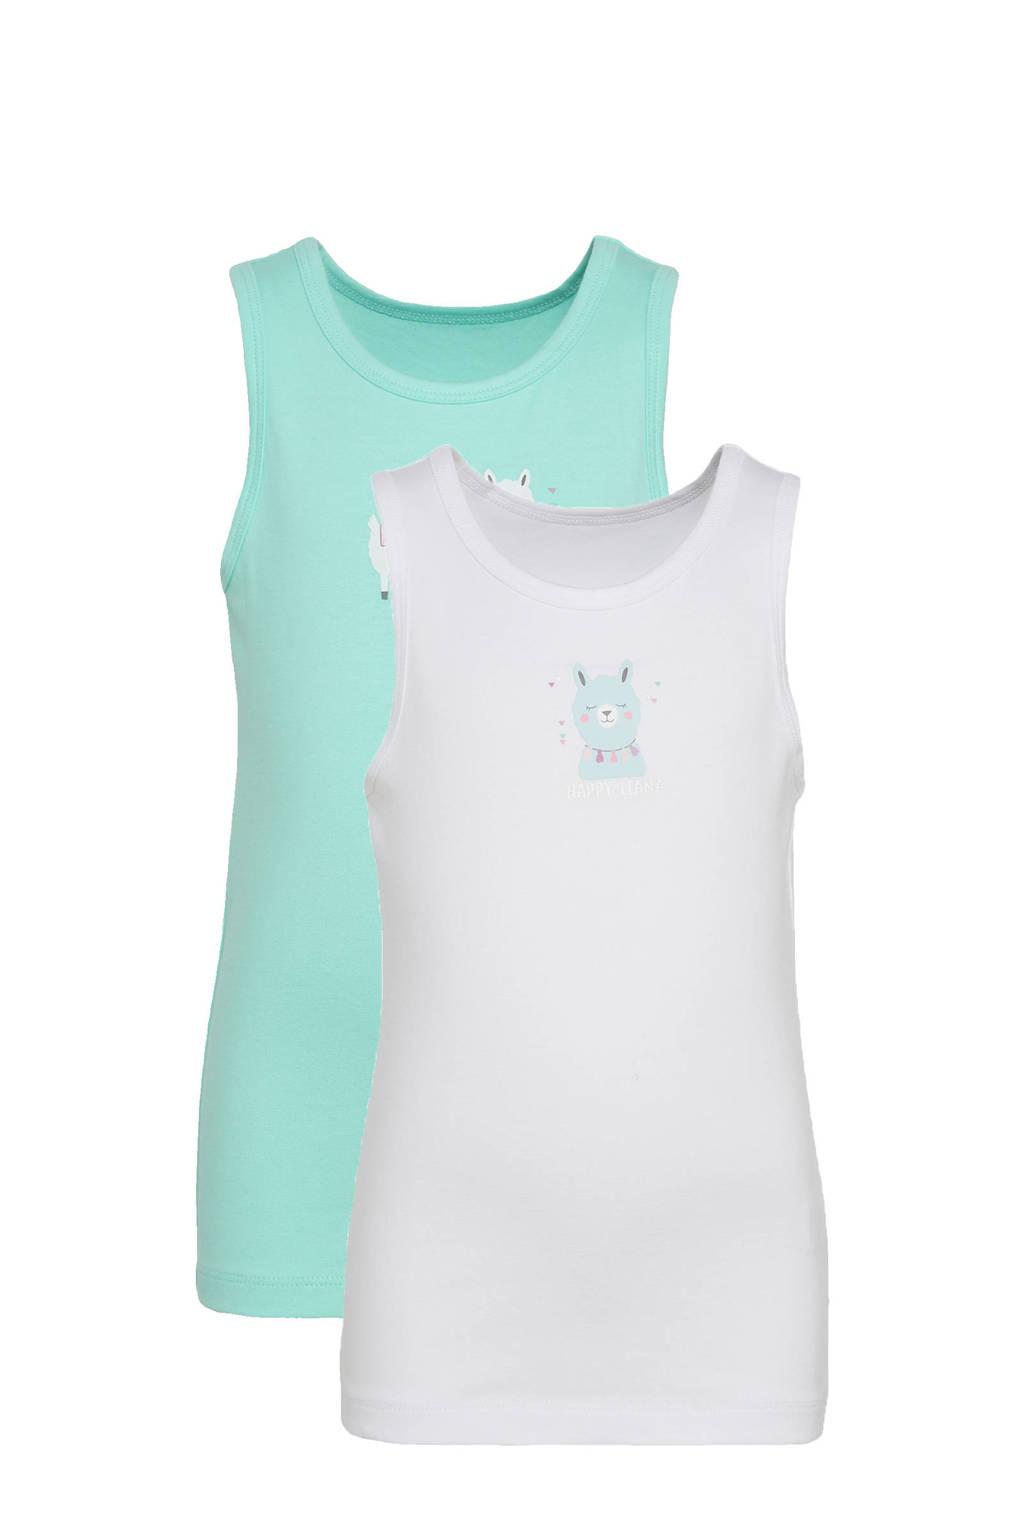 C&A Palomino hemd - set van 2 groen/wit, Mintgroen/wit